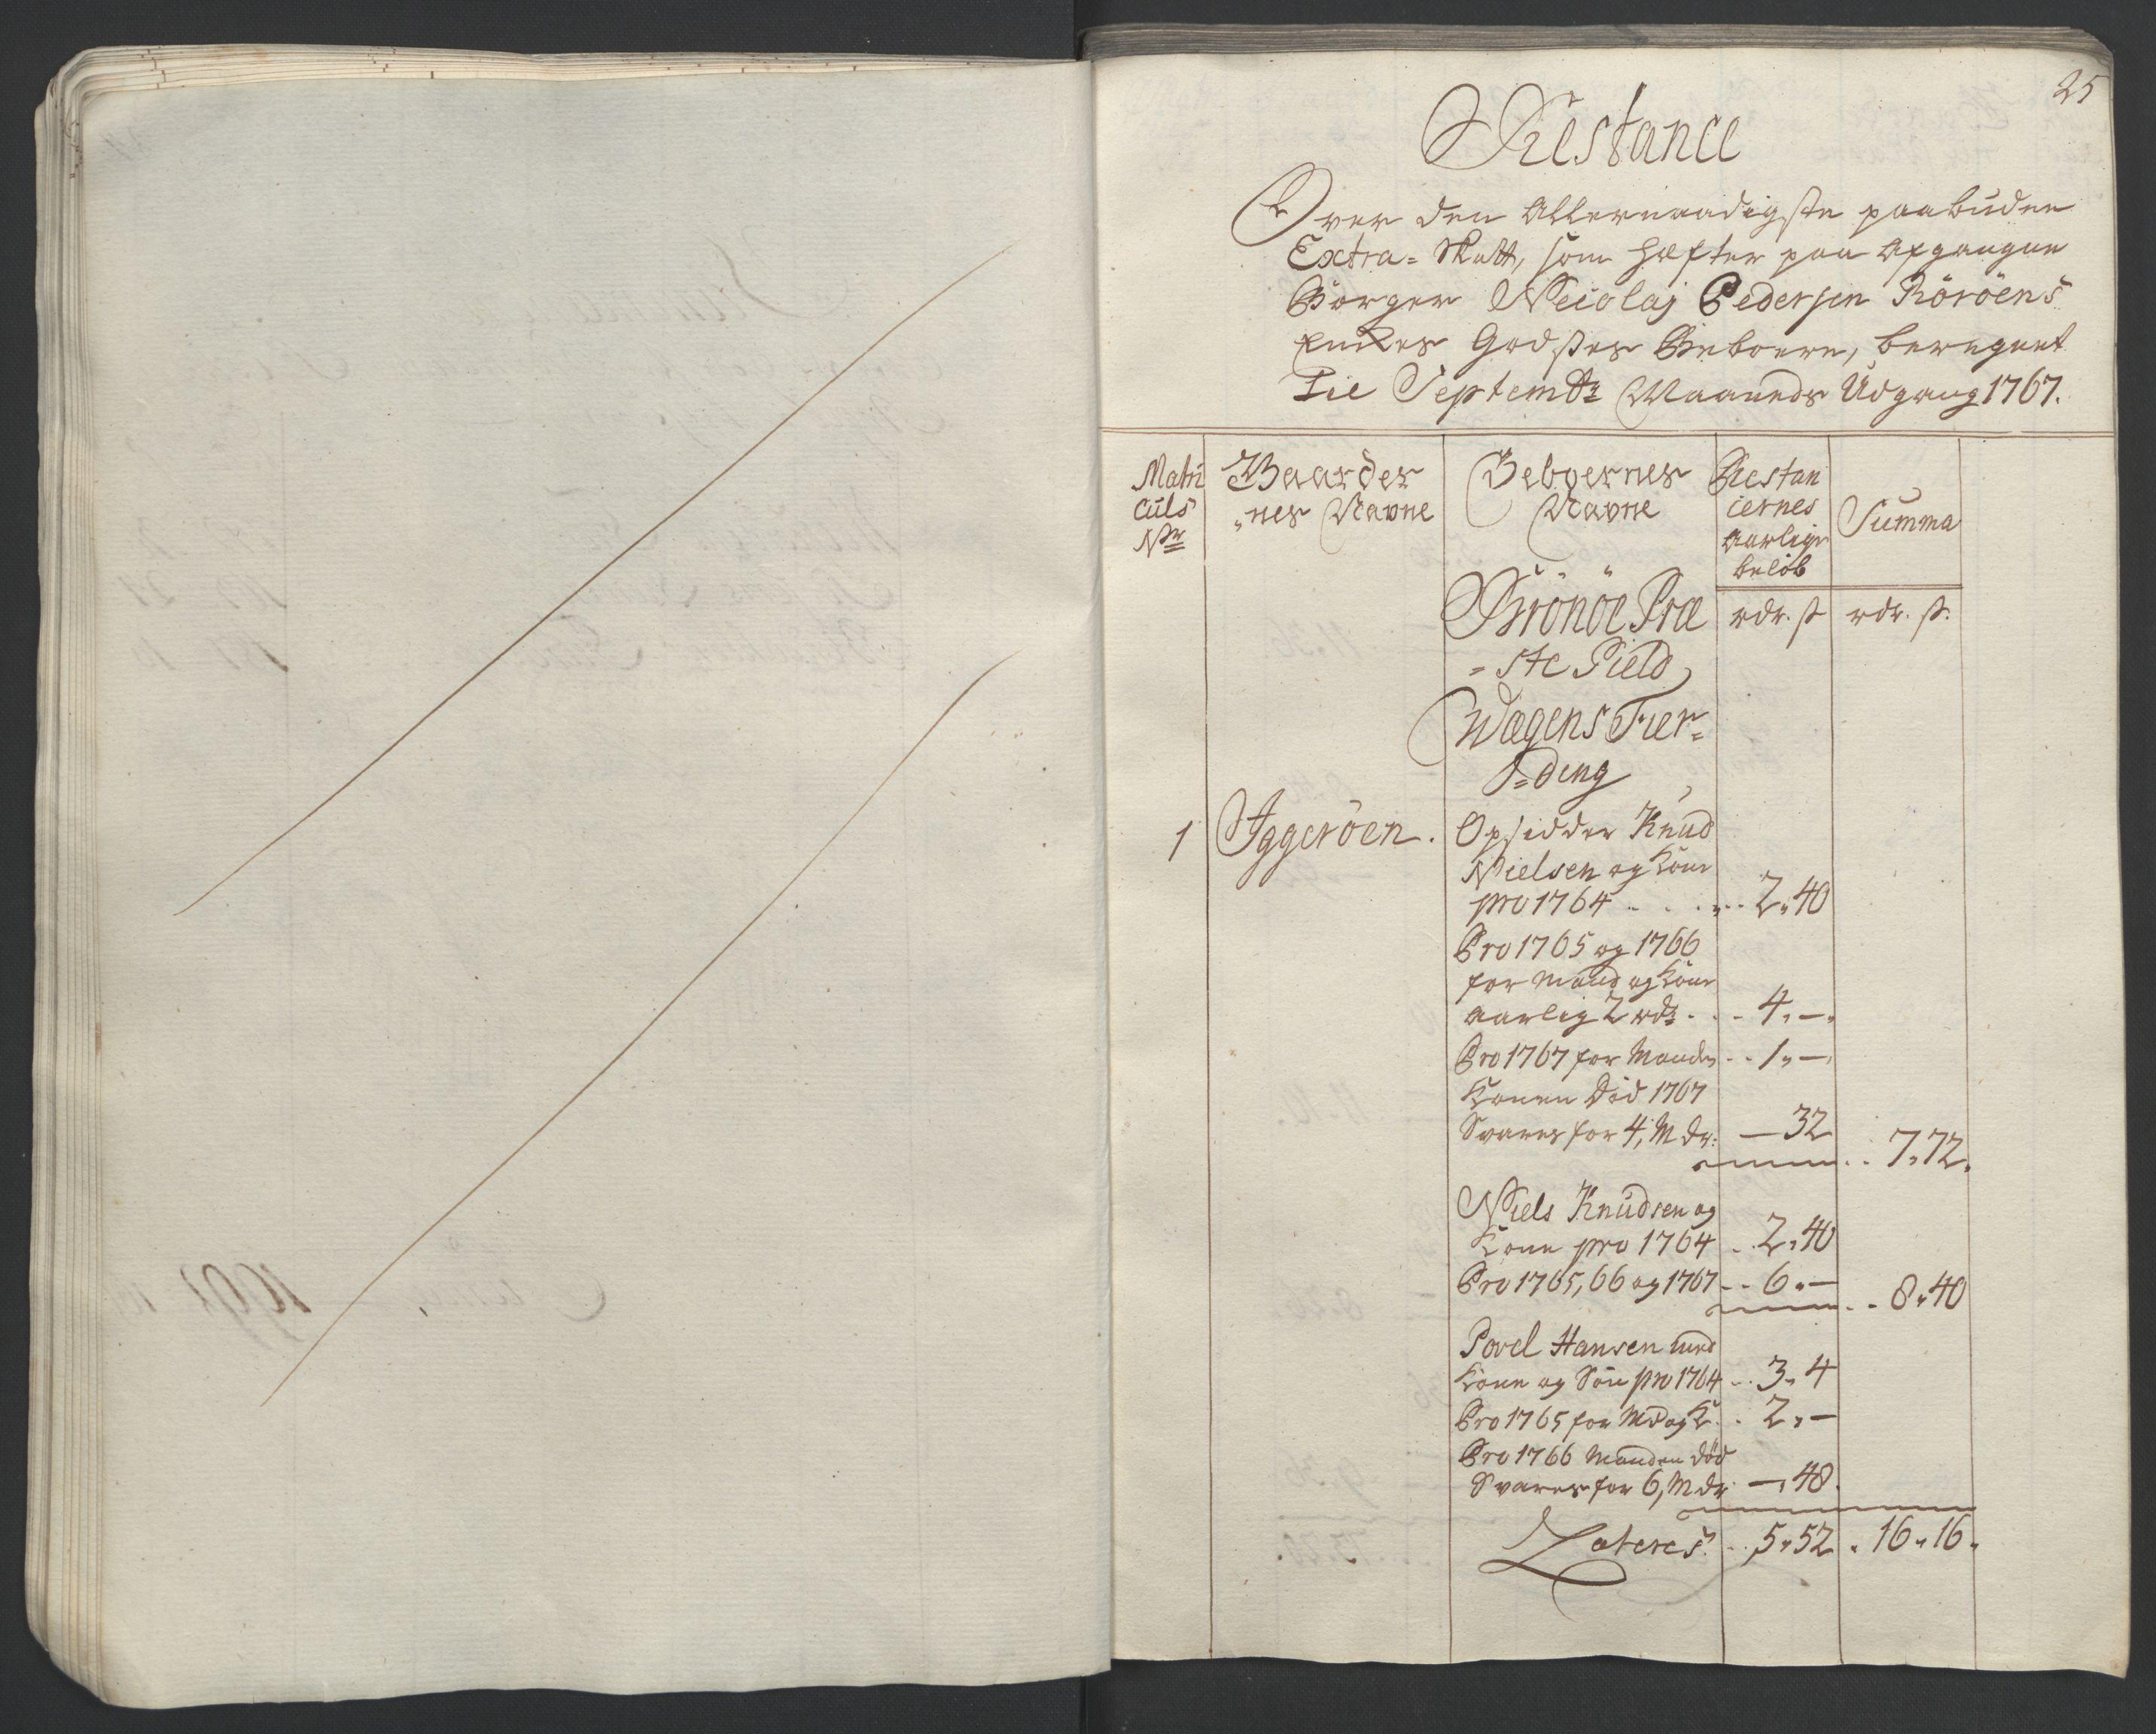 RA, Rentekammeret inntil 1814, Realistisk ordnet avdeling, Ol/L0023: [Gg 10]: Ekstraskatten, 23.09.1762. Helgeland (restanseregister), 1767-1772, s. 27